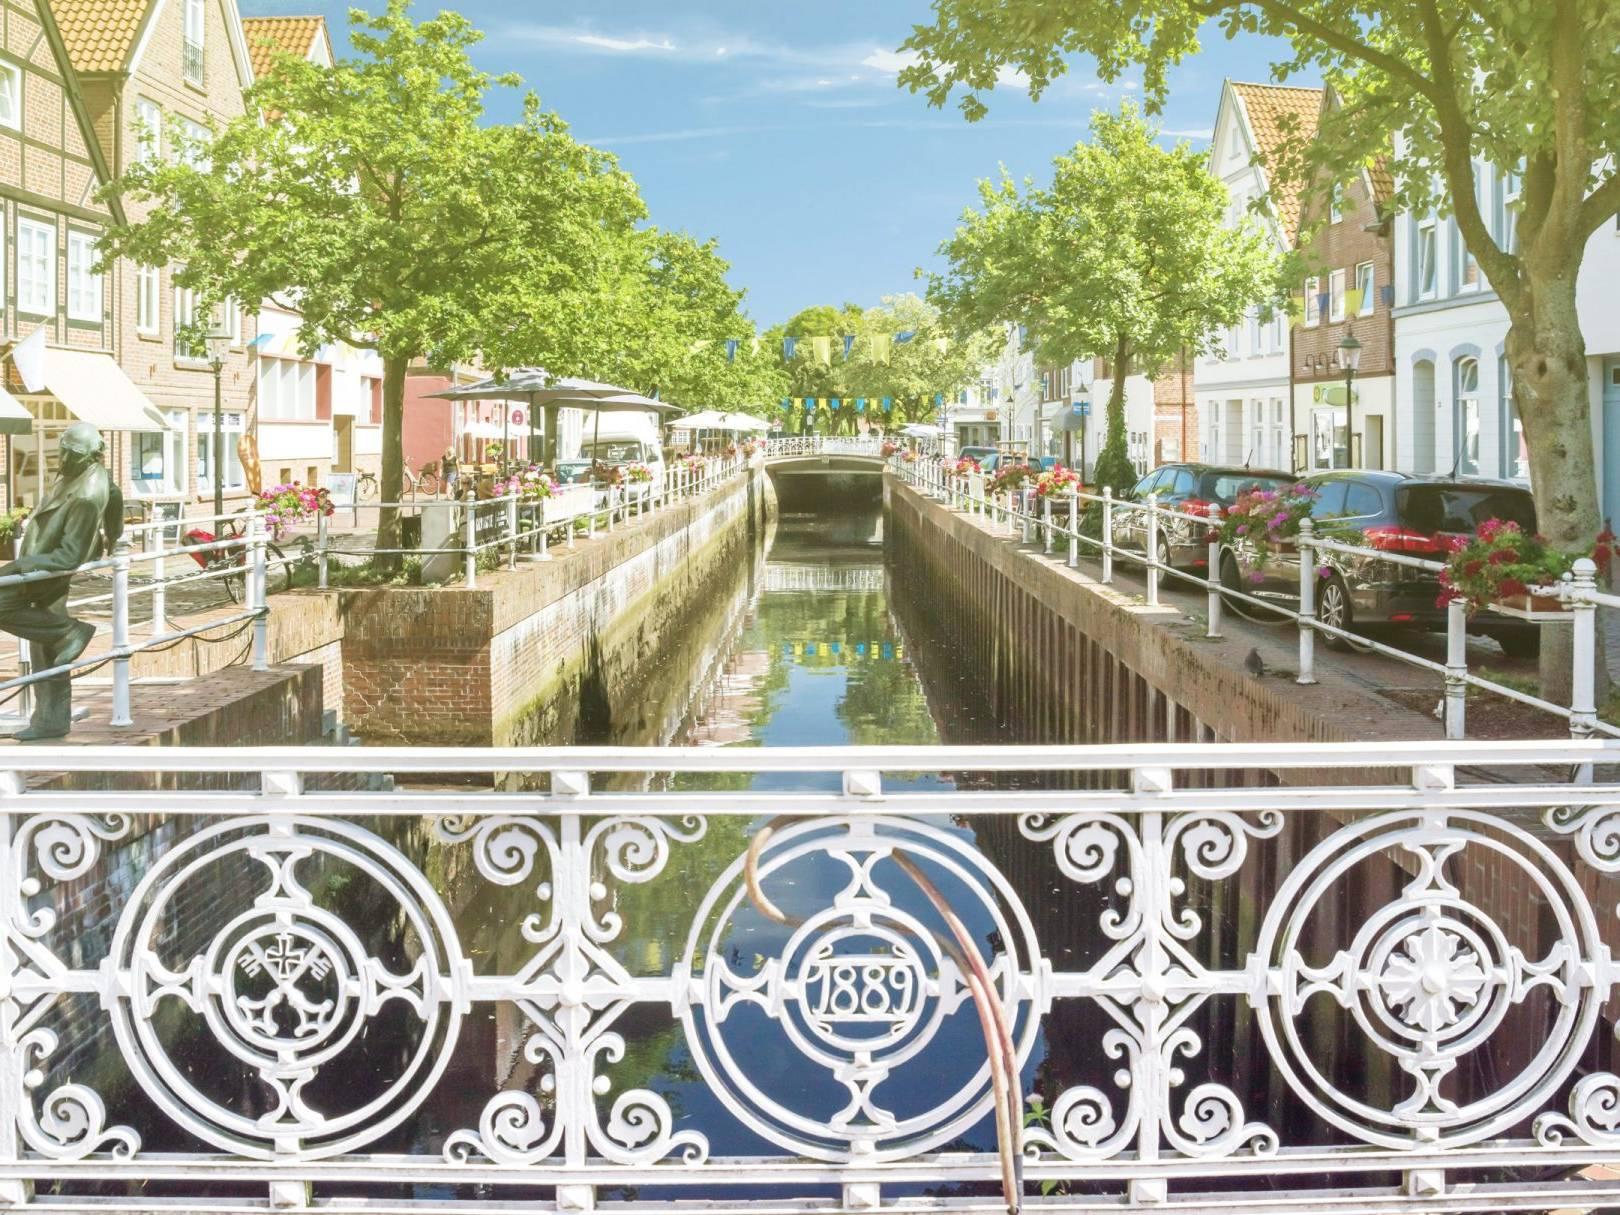 Buxtehude Innenstadt Hotel Stadtpark Buxtehude Sonne scaled uai